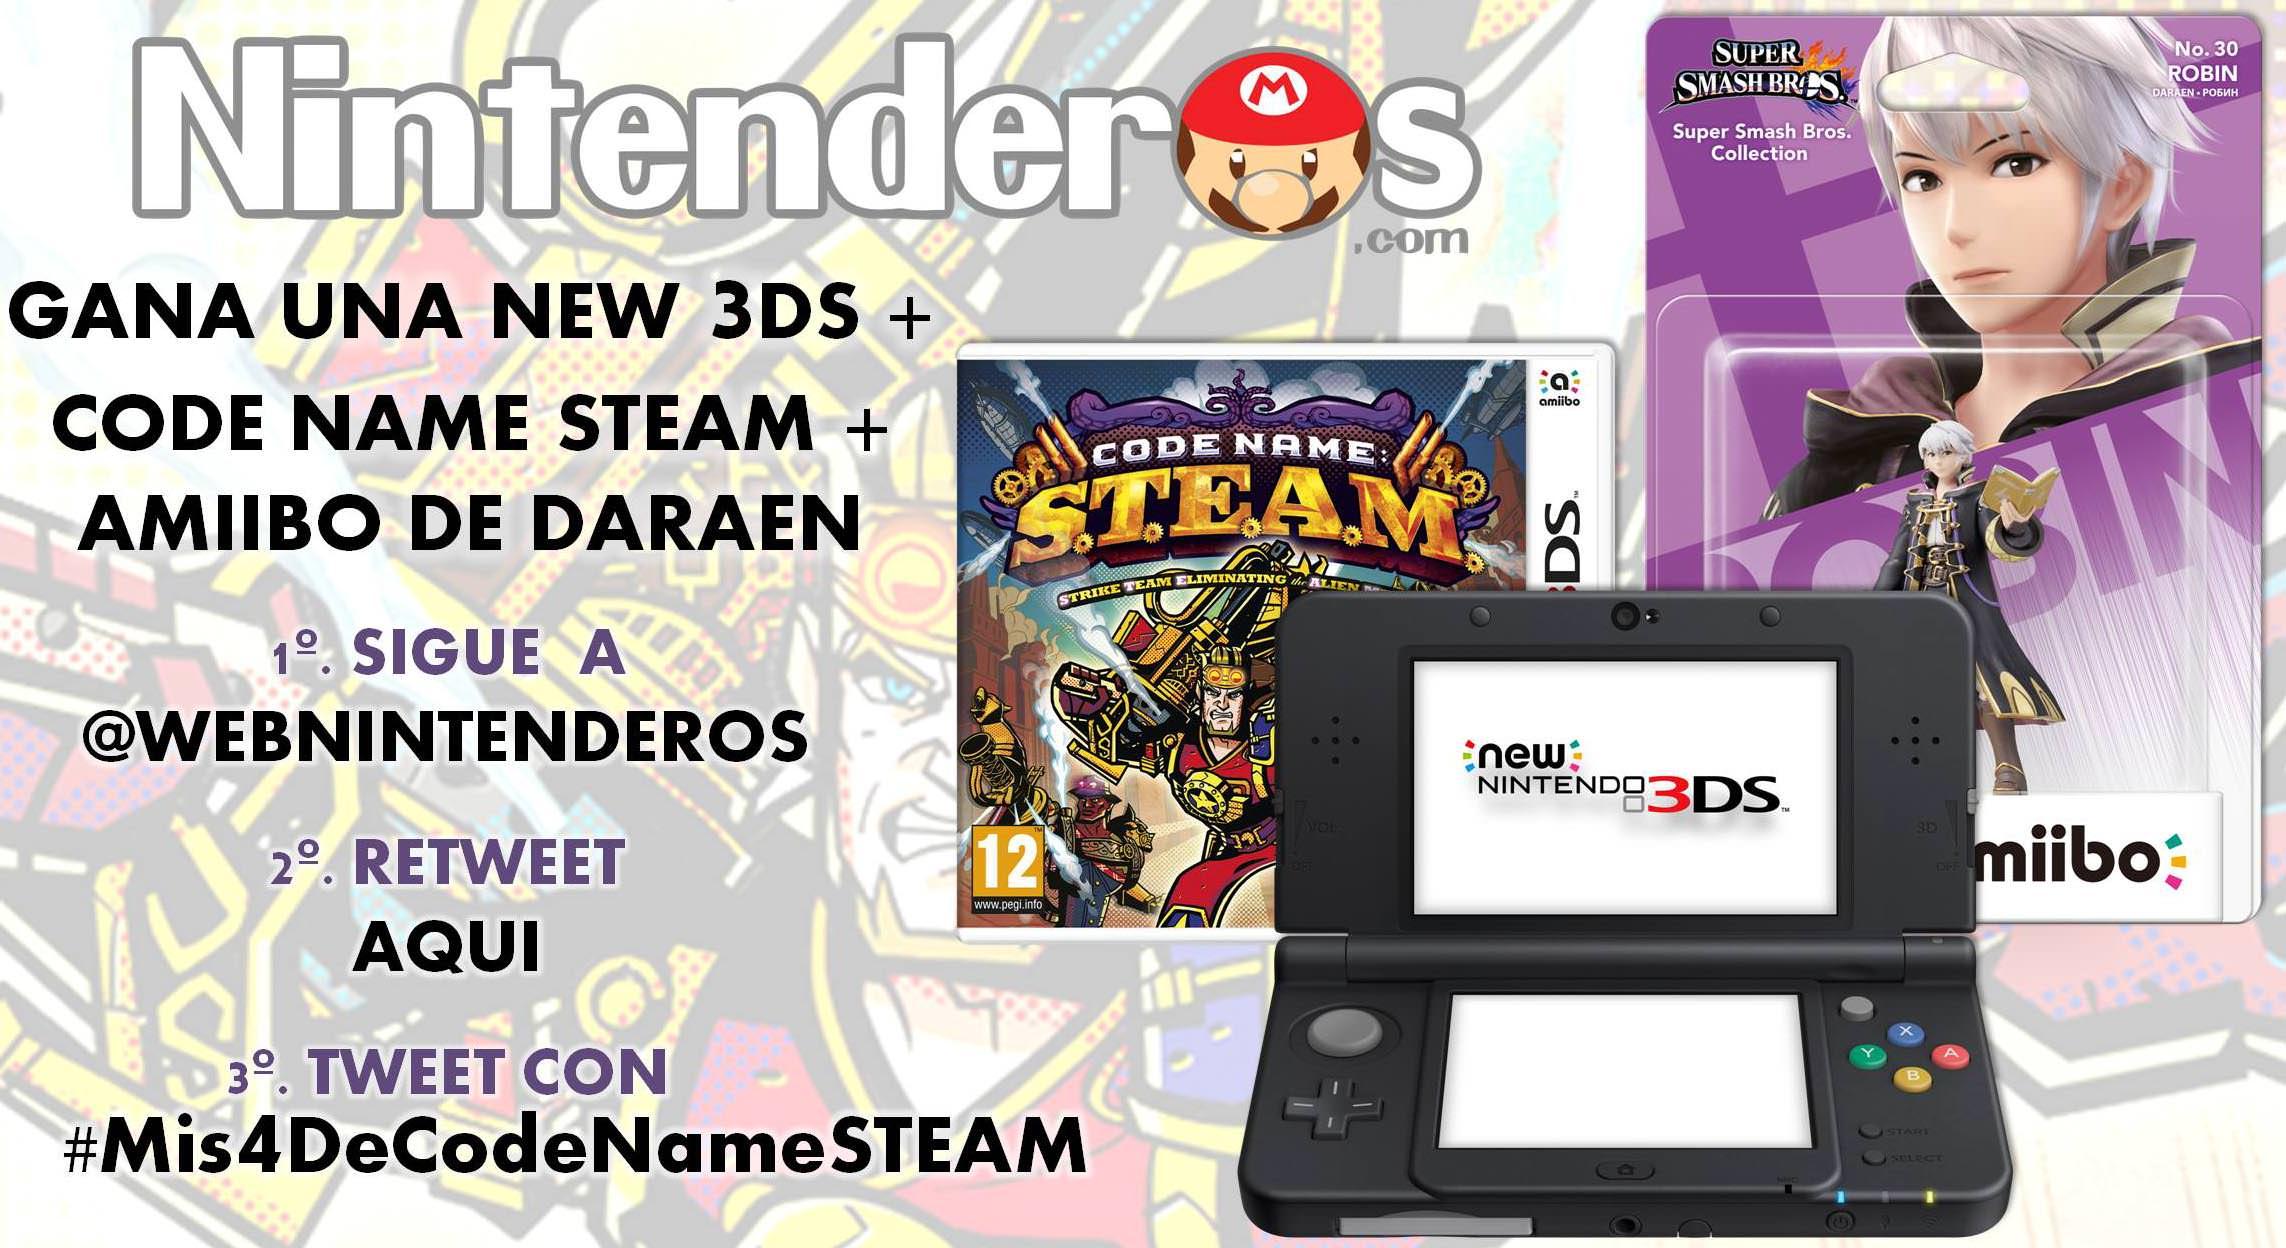 ¡Gana una New 3DS negra, una copia de 'Code Name S.T.E.A.M.' y un amiibo Daraen!